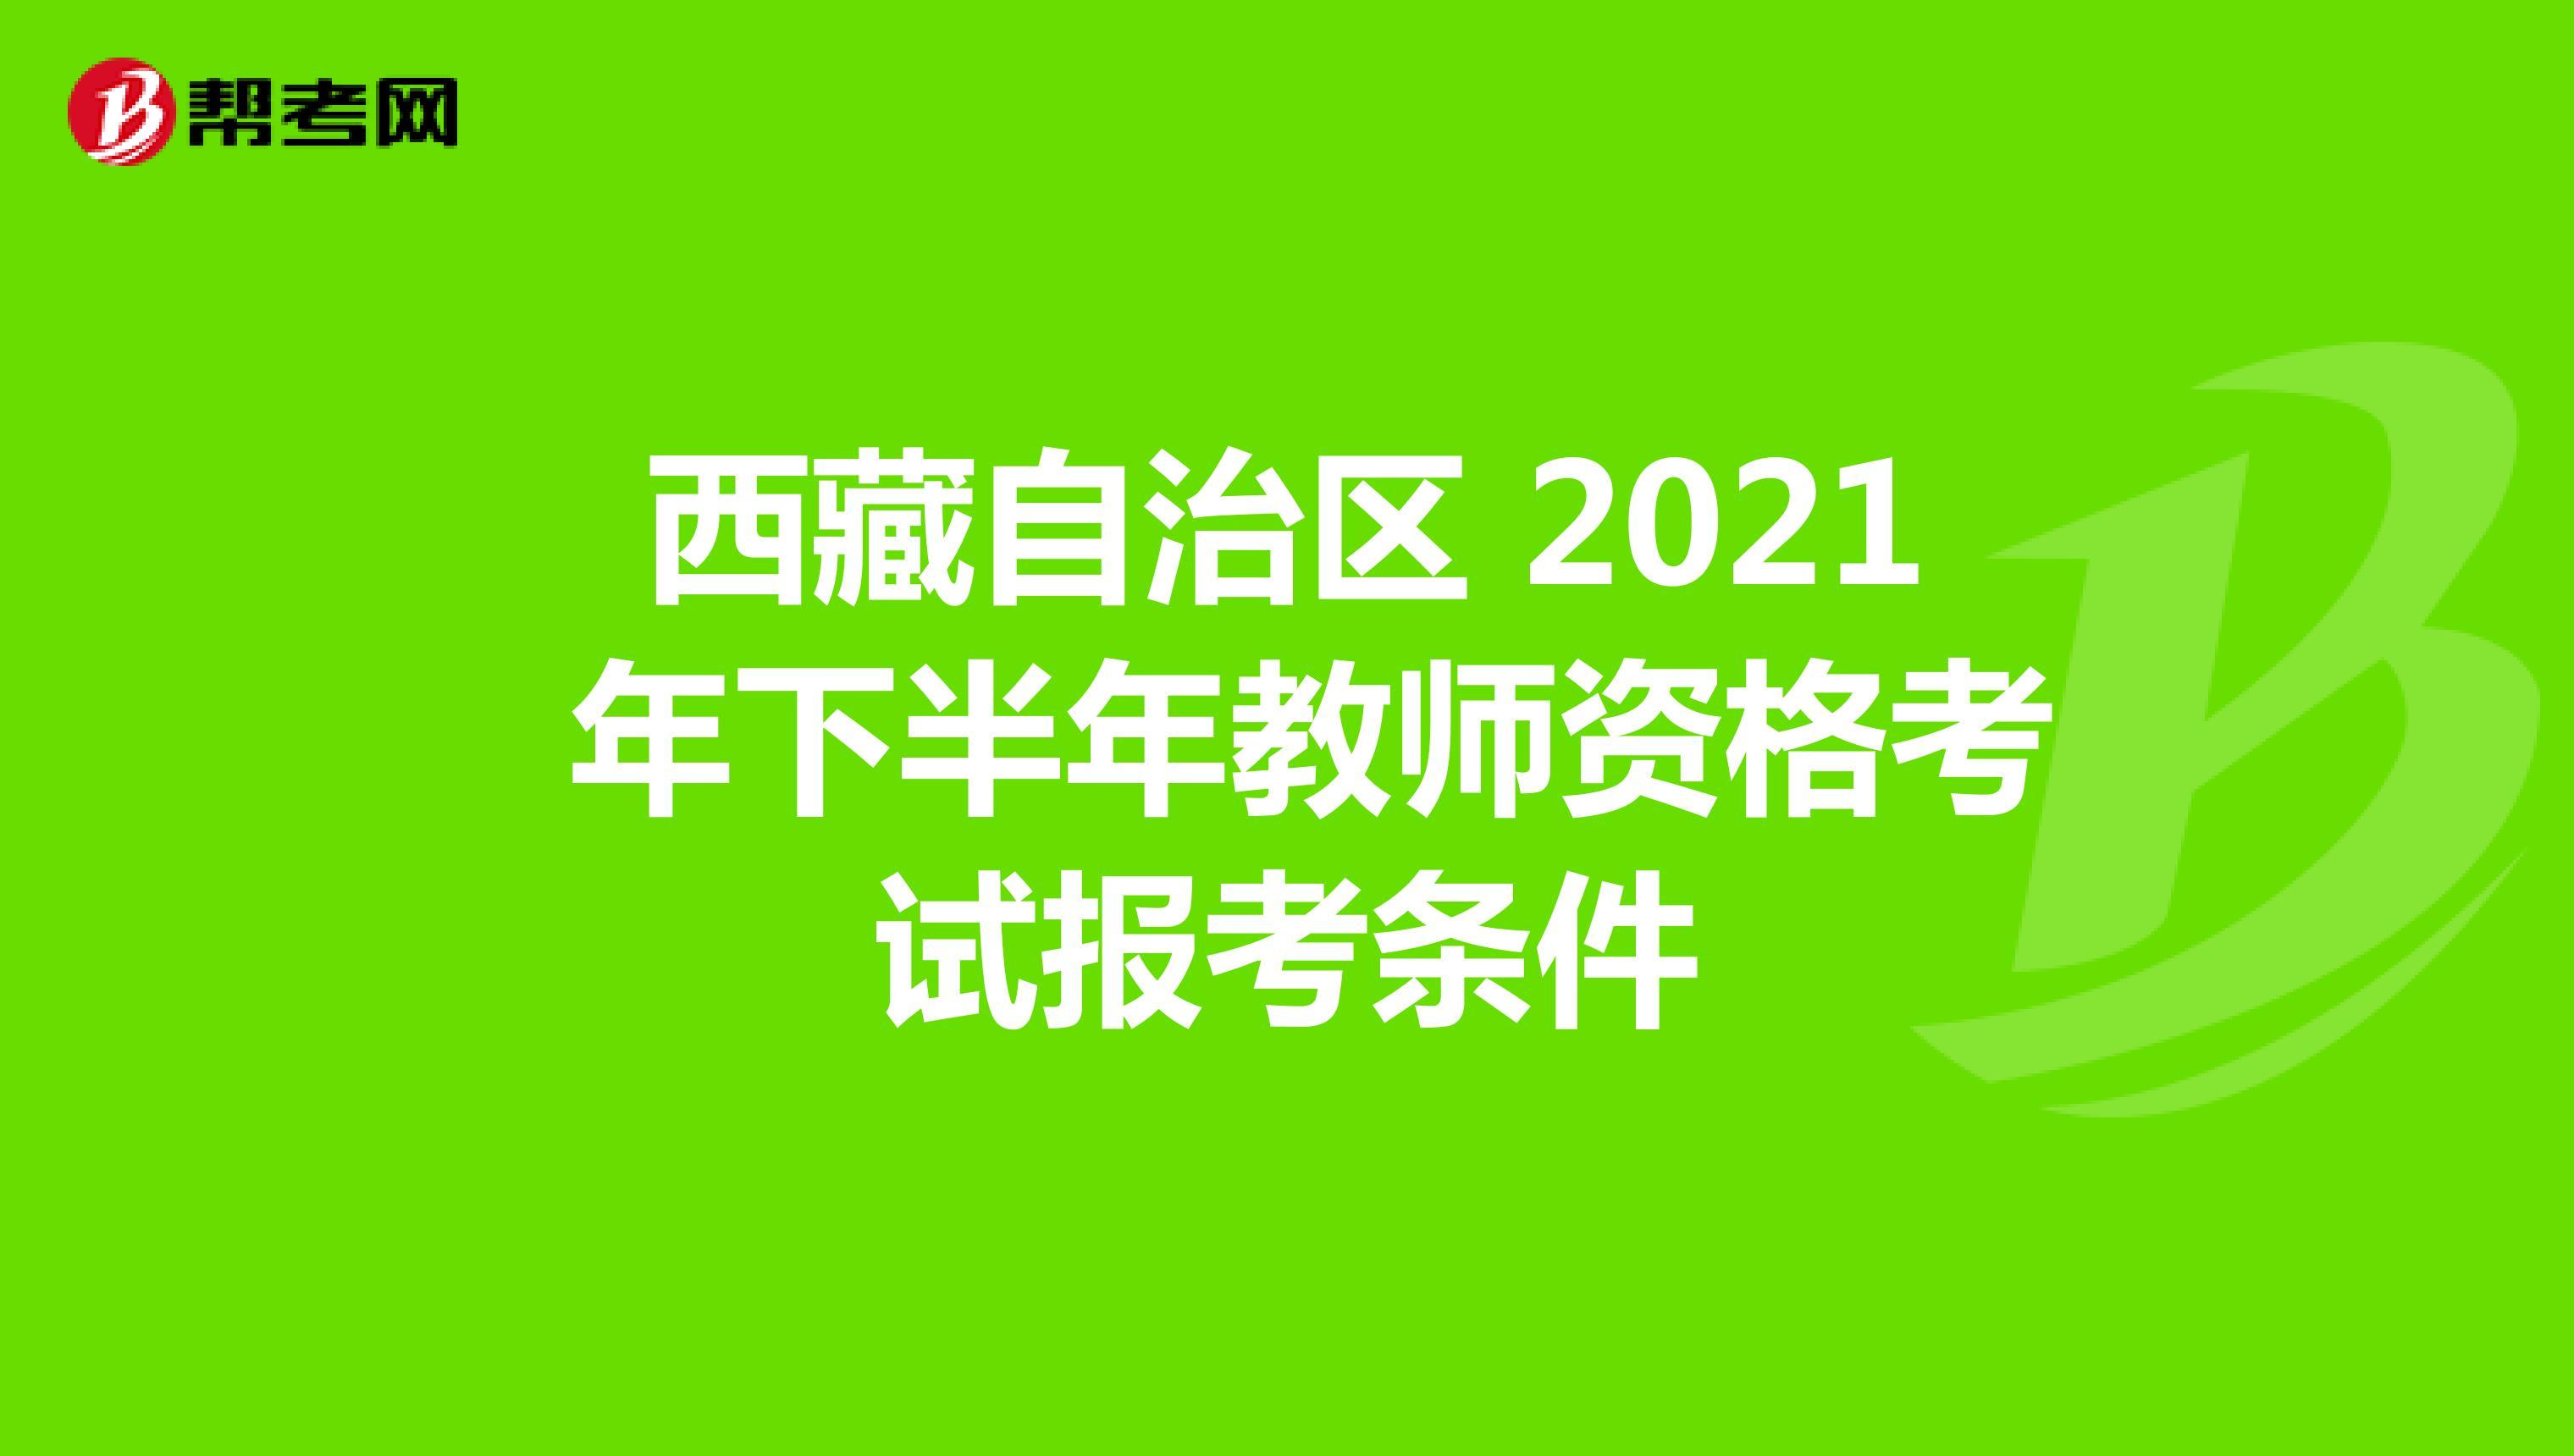 西藏自治区 2021 年下半年教师资格考试报考条件